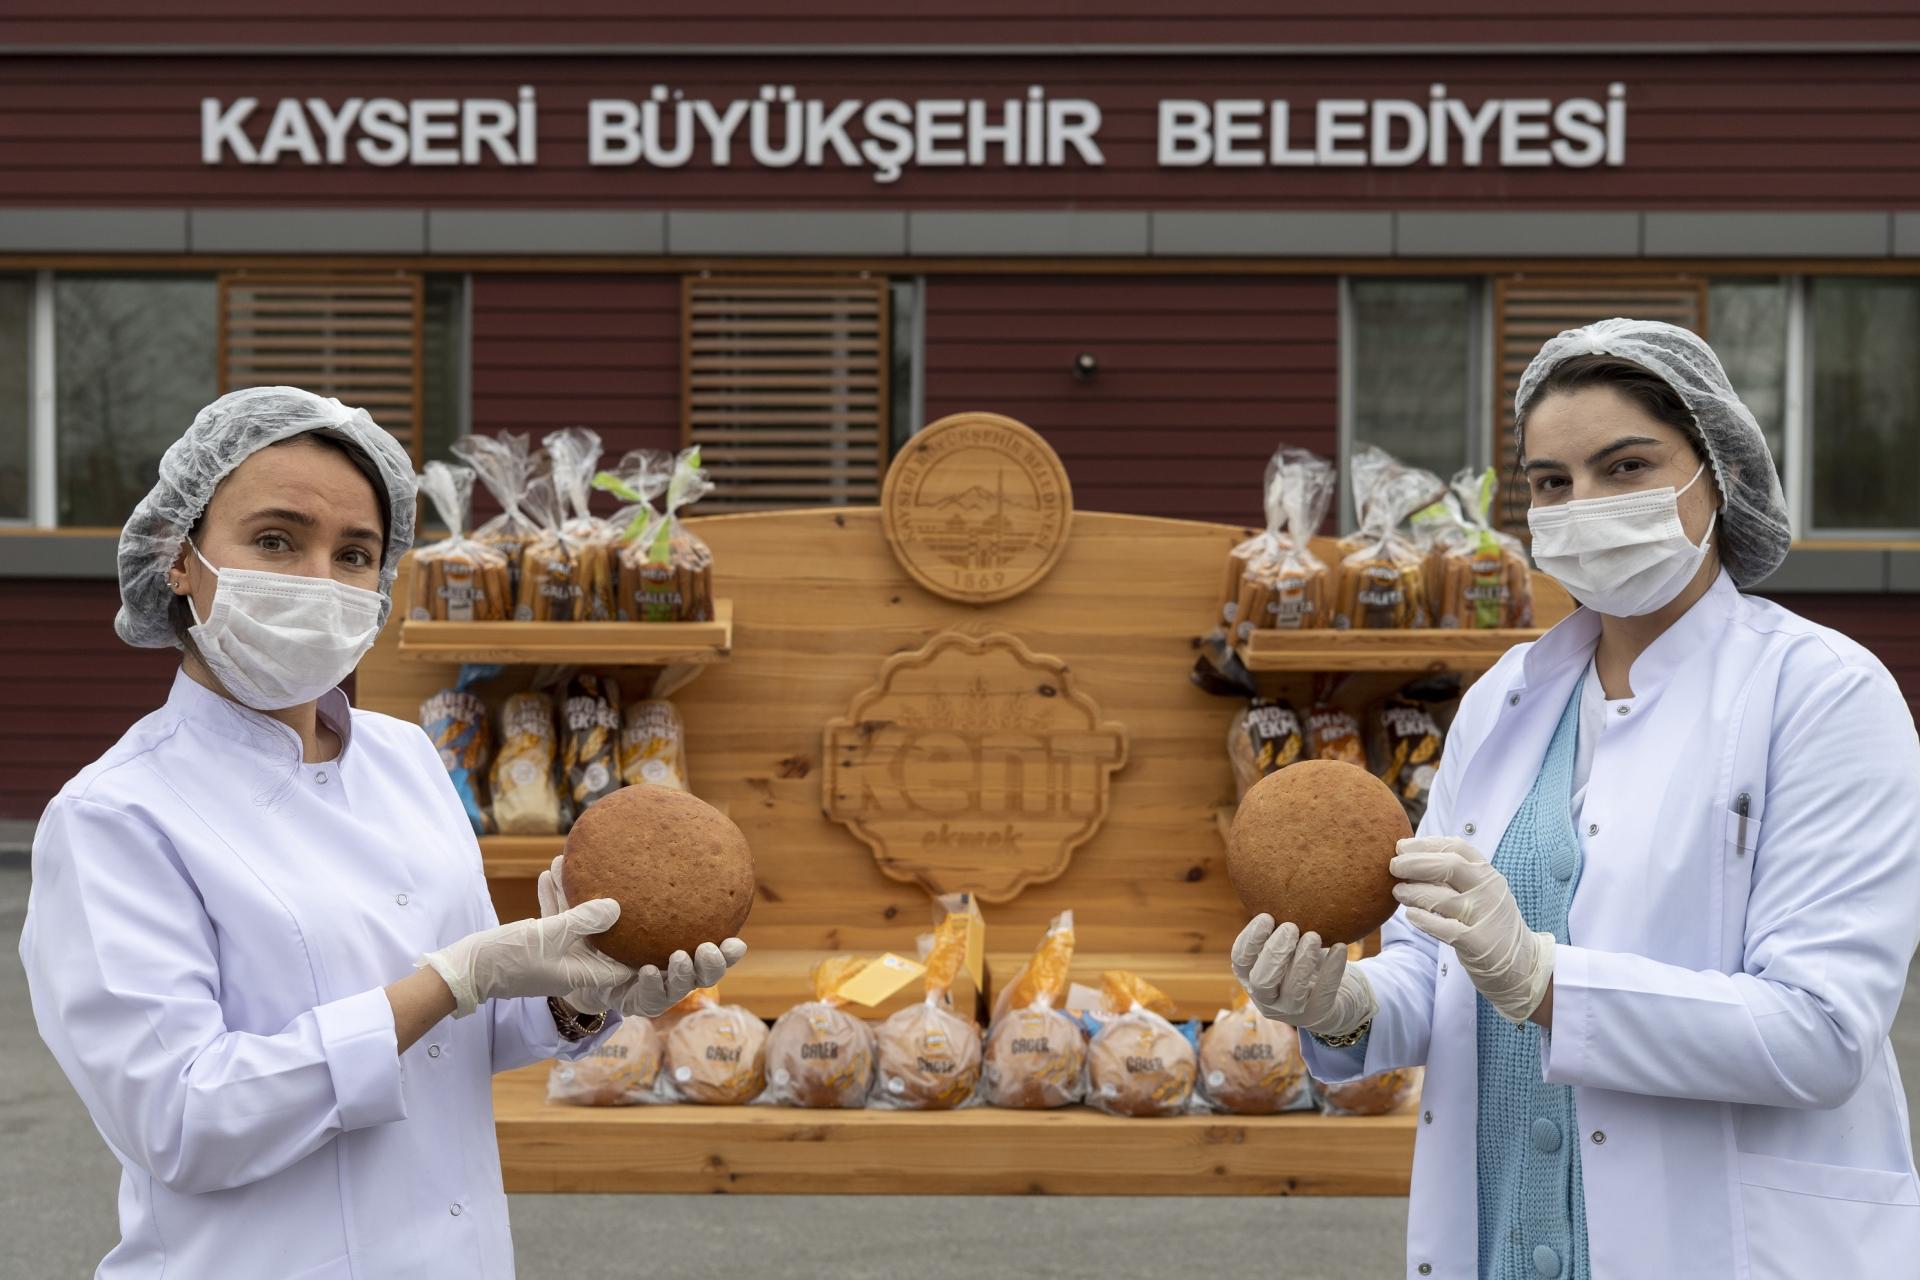 Genetiği Değişmeyen Gacer Buğdayından Ekmek Üretildi 1